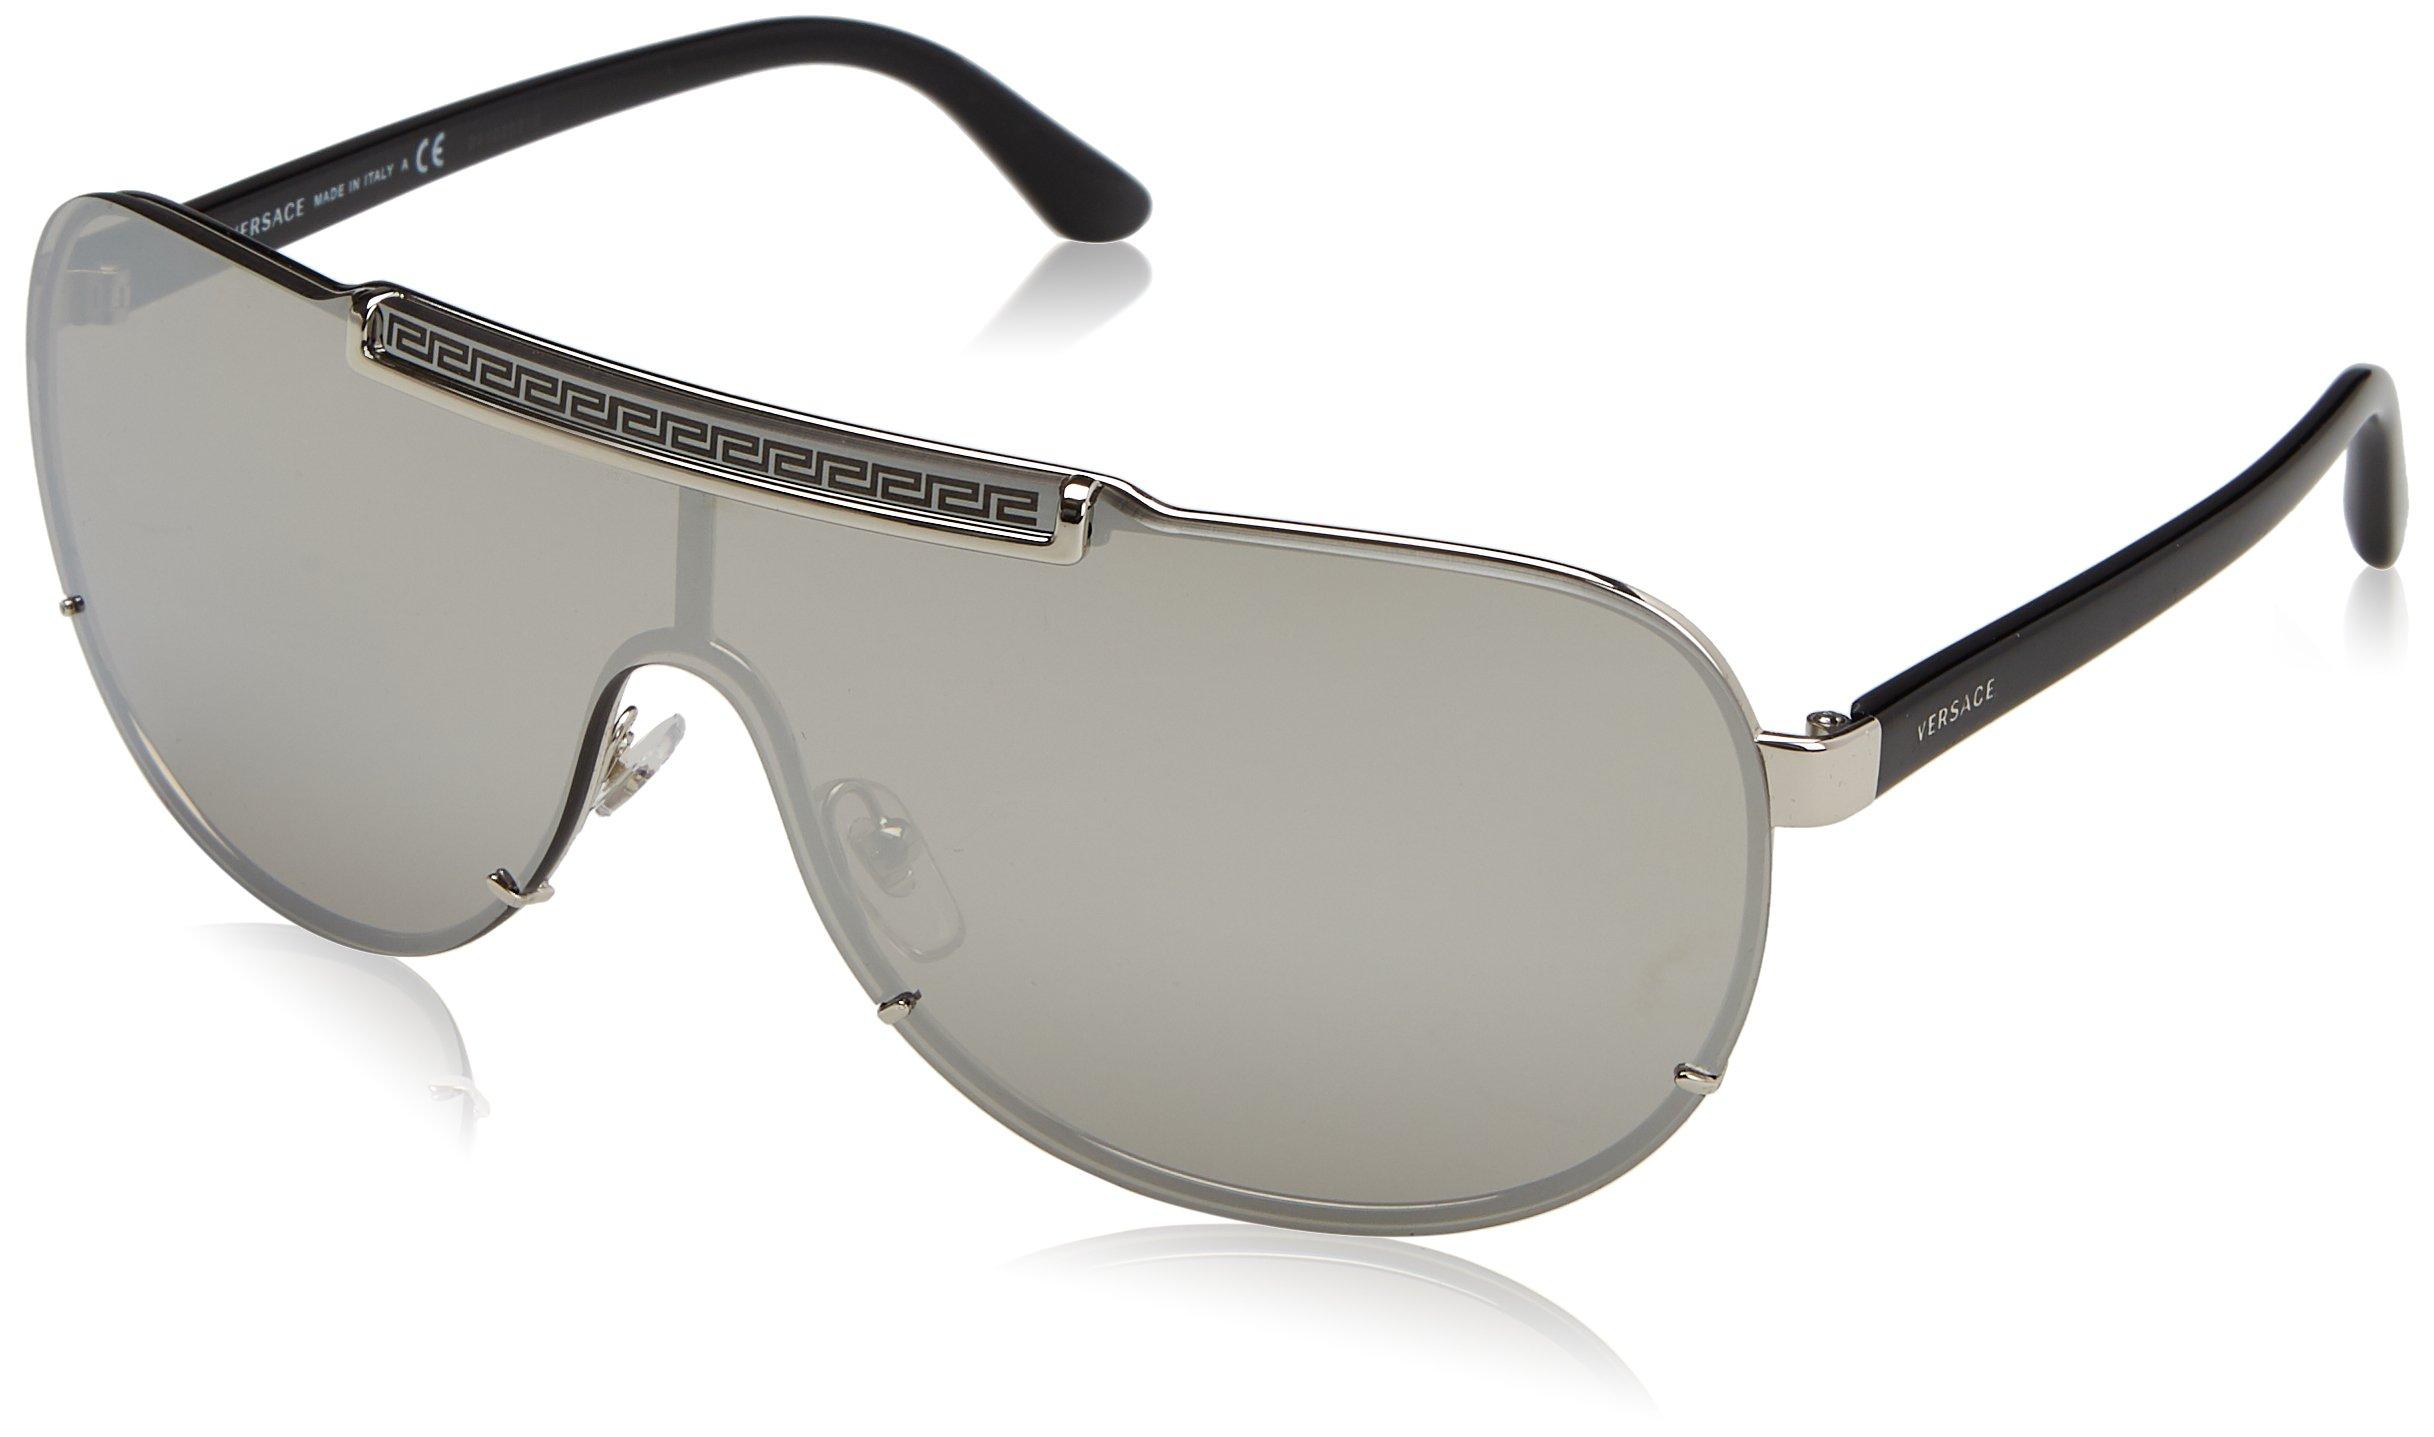 Versace Women's Greca Shield Sunglasses, Silver/Silver, One Size